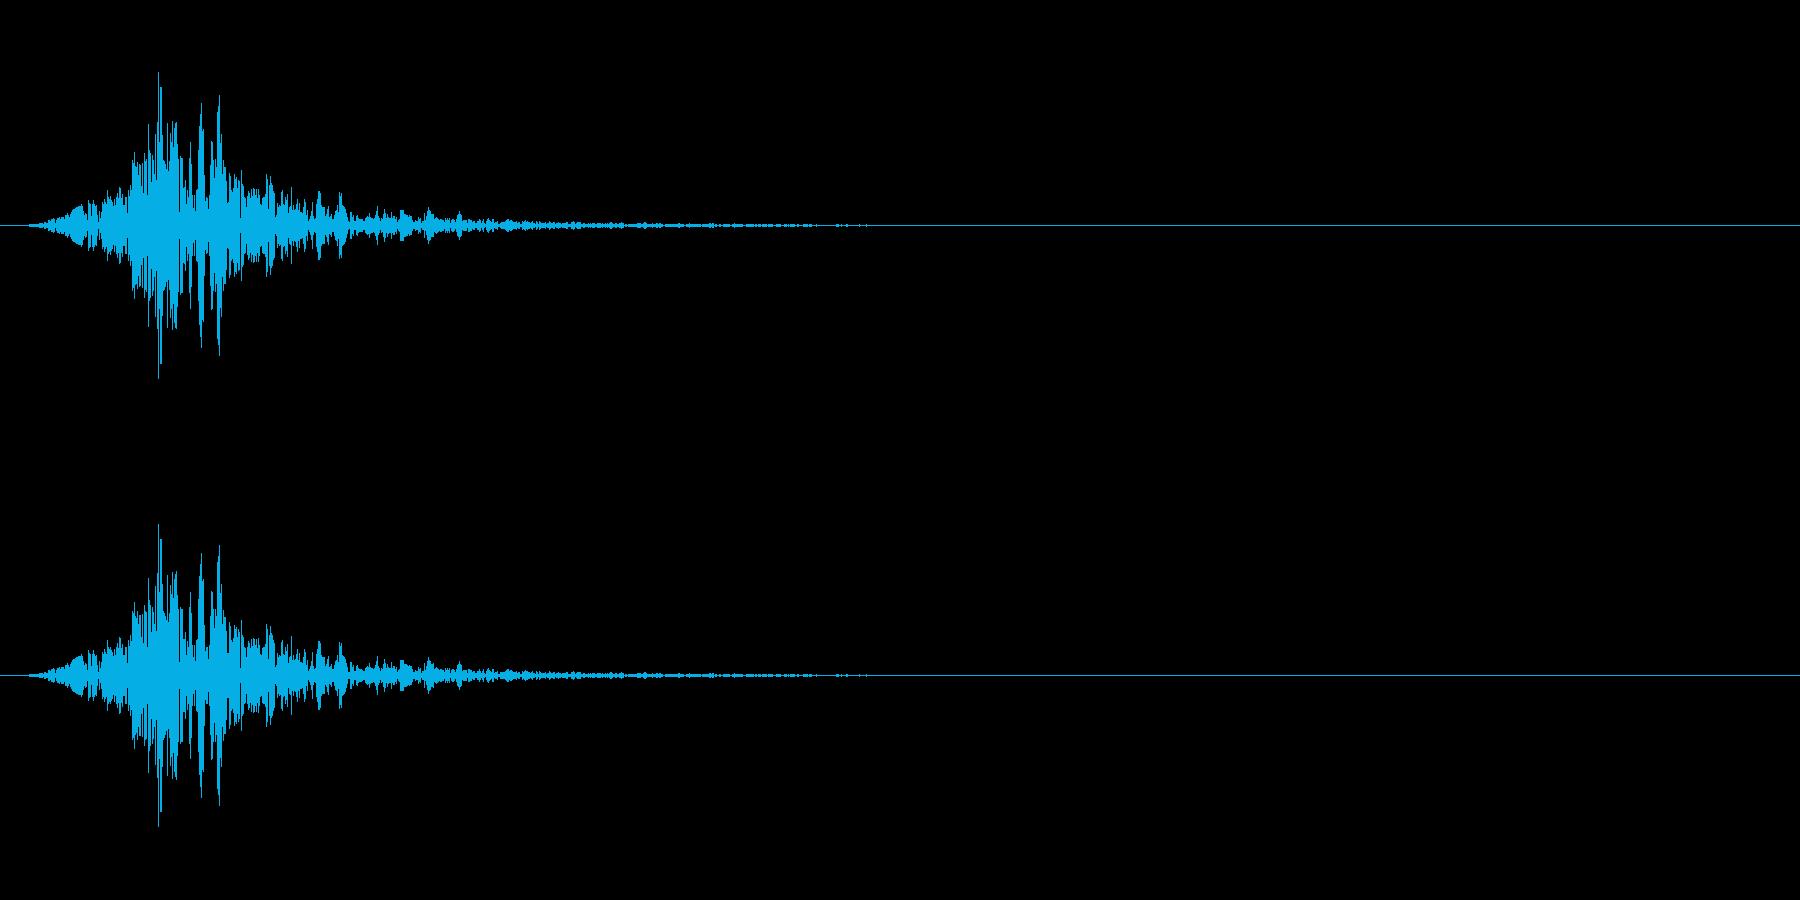 フォンッ(空を切る音)の再生済みの波形